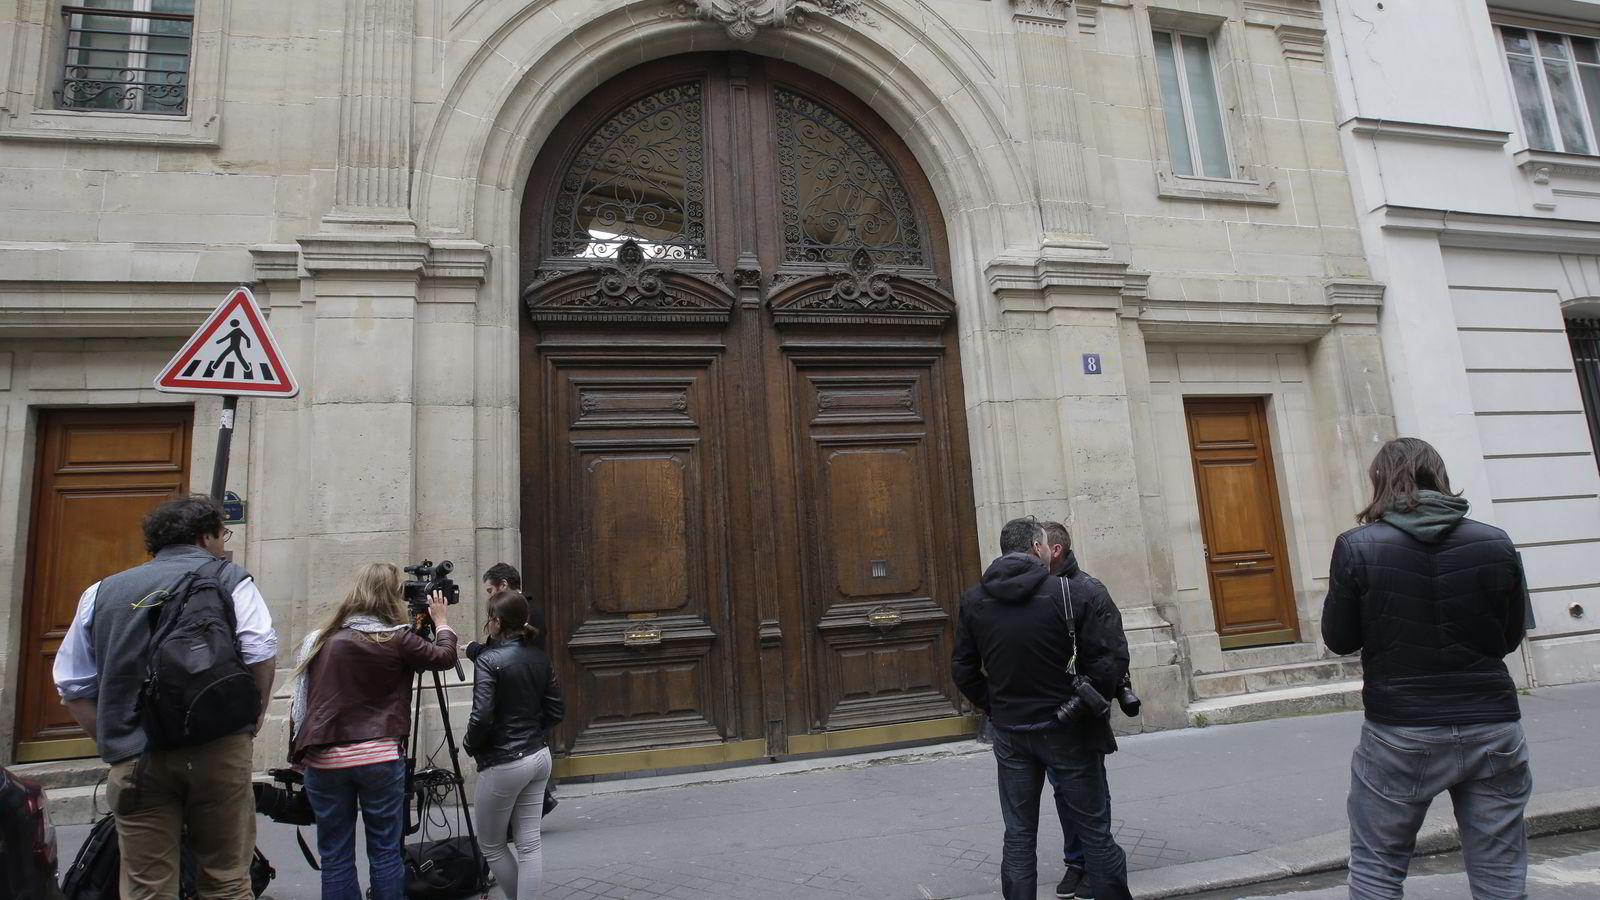 RANSAKES. Journalister venter utenfor Googles Paris-kontor der franske etterforskere tirsdag gjennomfører en ransaking som ledd i en skattesak. 25 dataspesialister og medlemmer av en anti-korrupsjonsenhet deltar i aksjonen. FOTO: Jacky Naegelen / Reuters / NTB scanpix